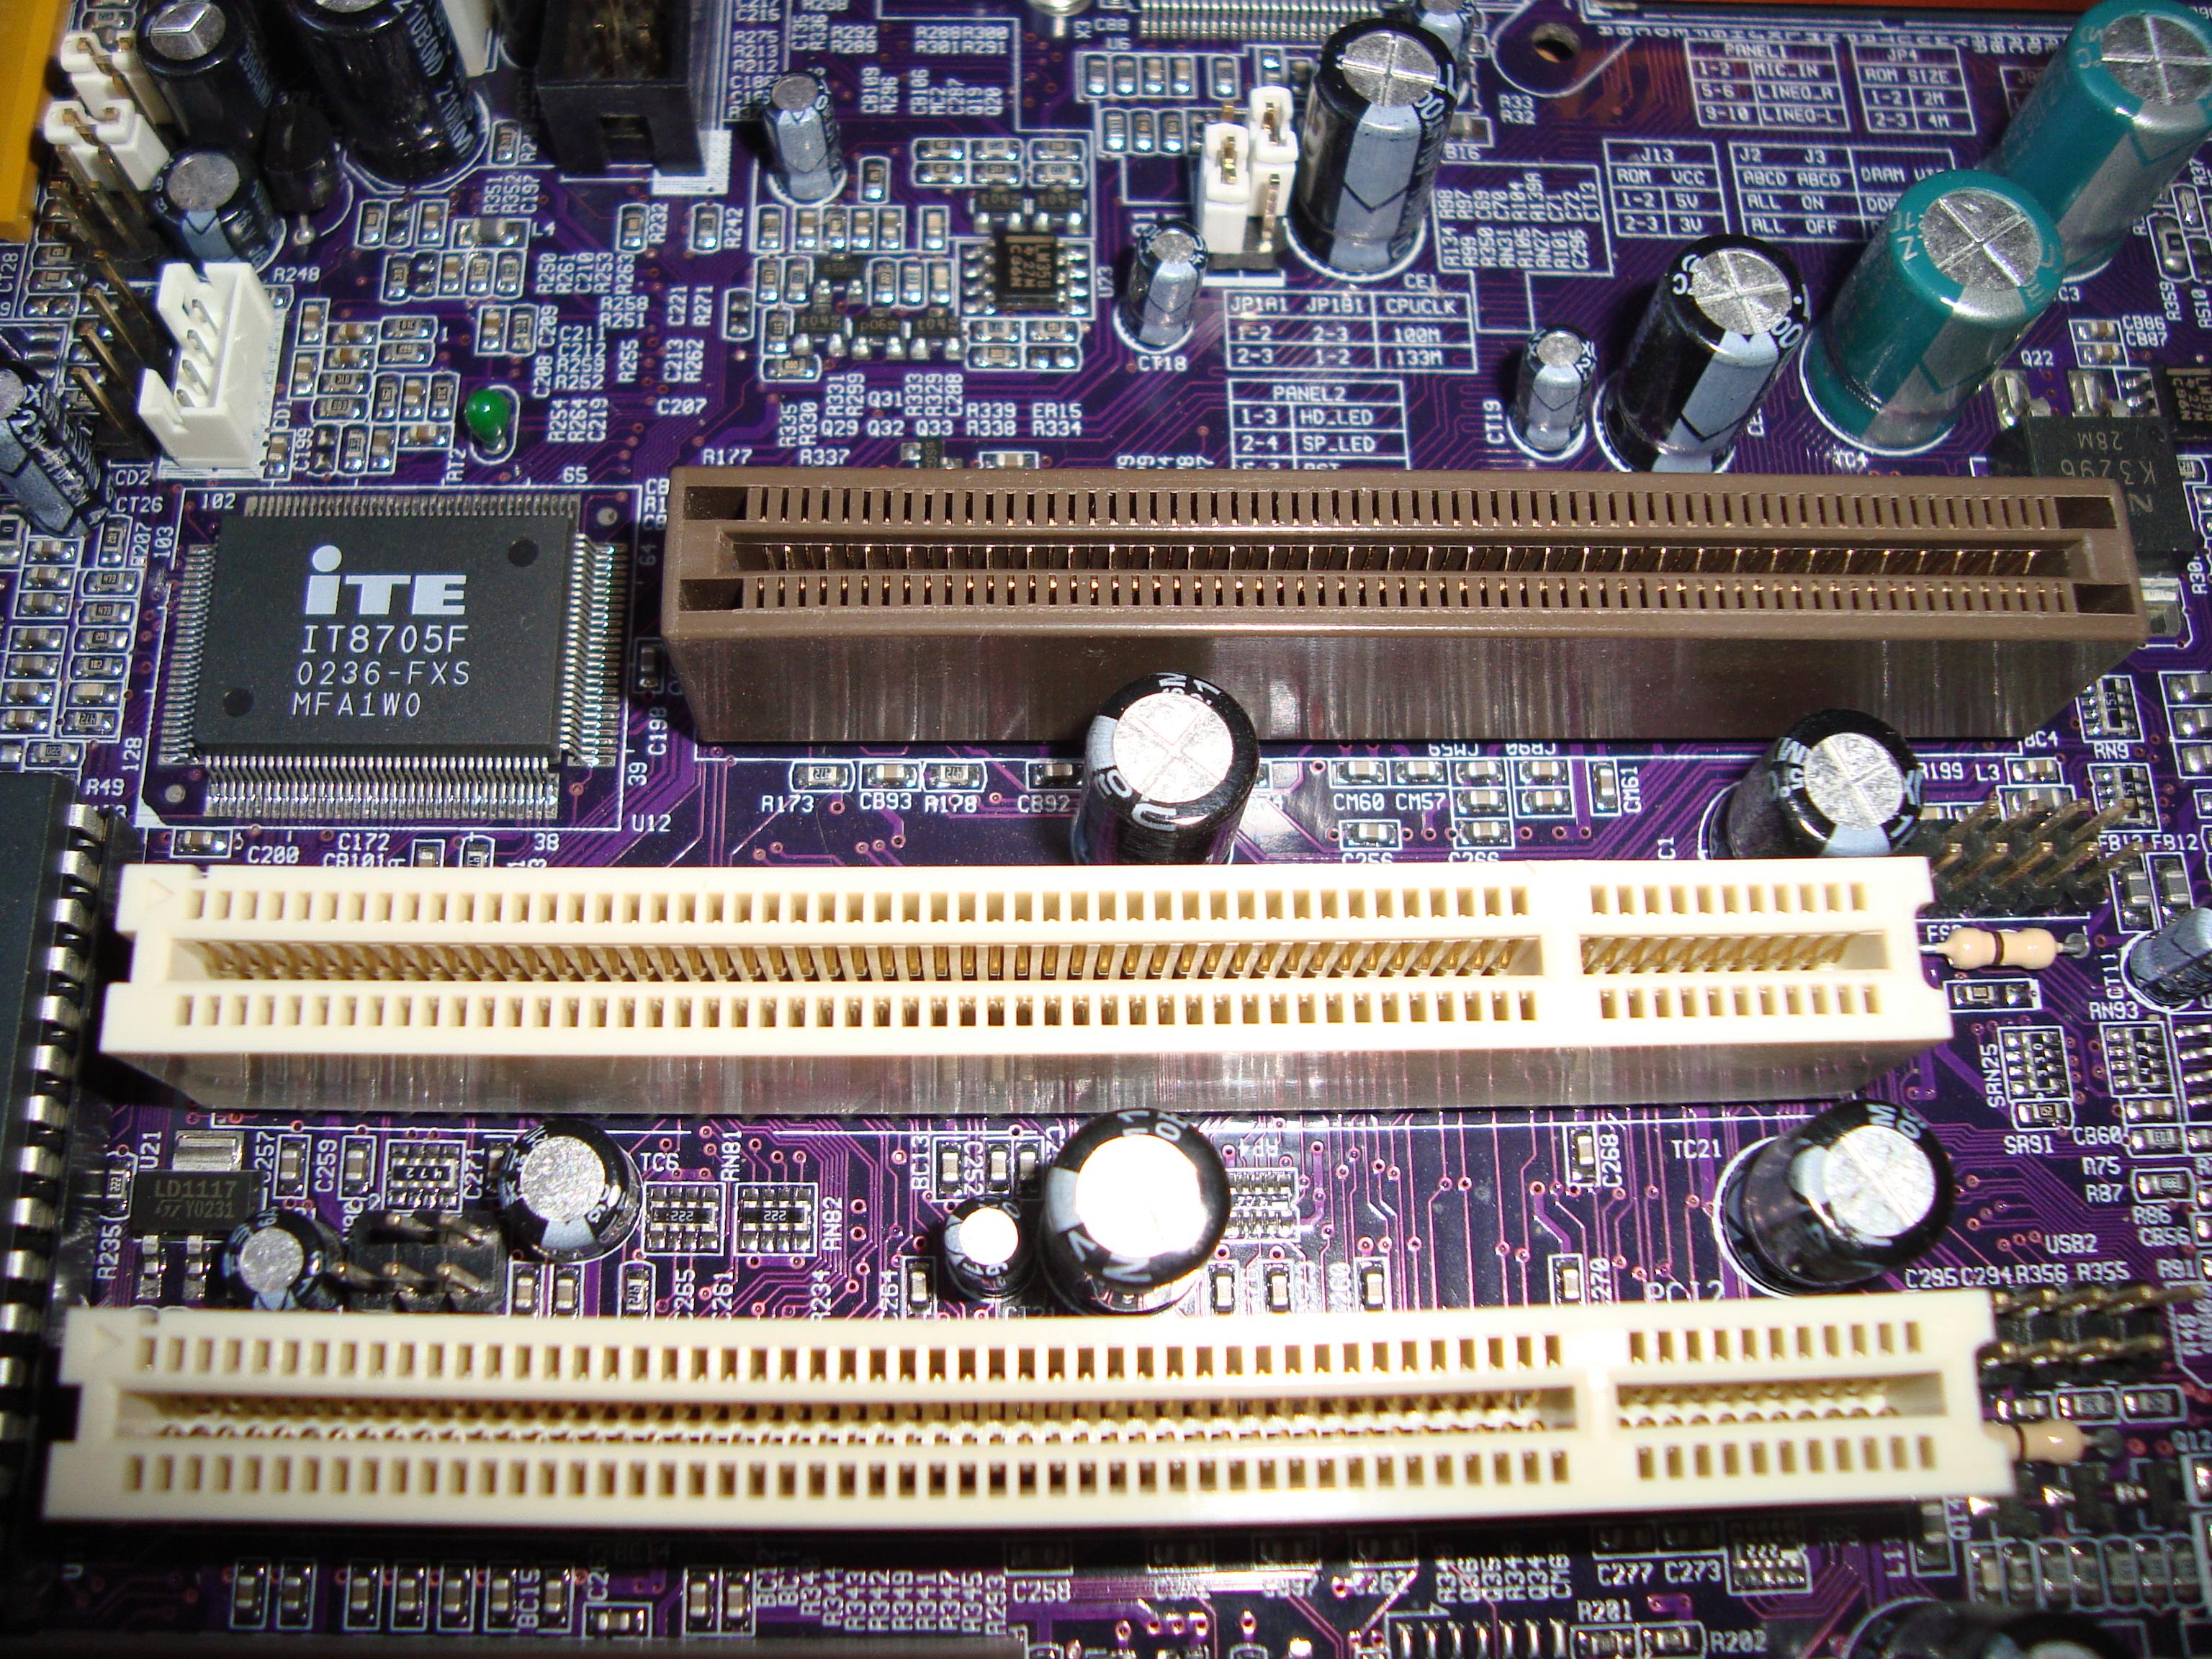 File:AGP and PCI slots at ECS P4VMM2 motherboard JPG